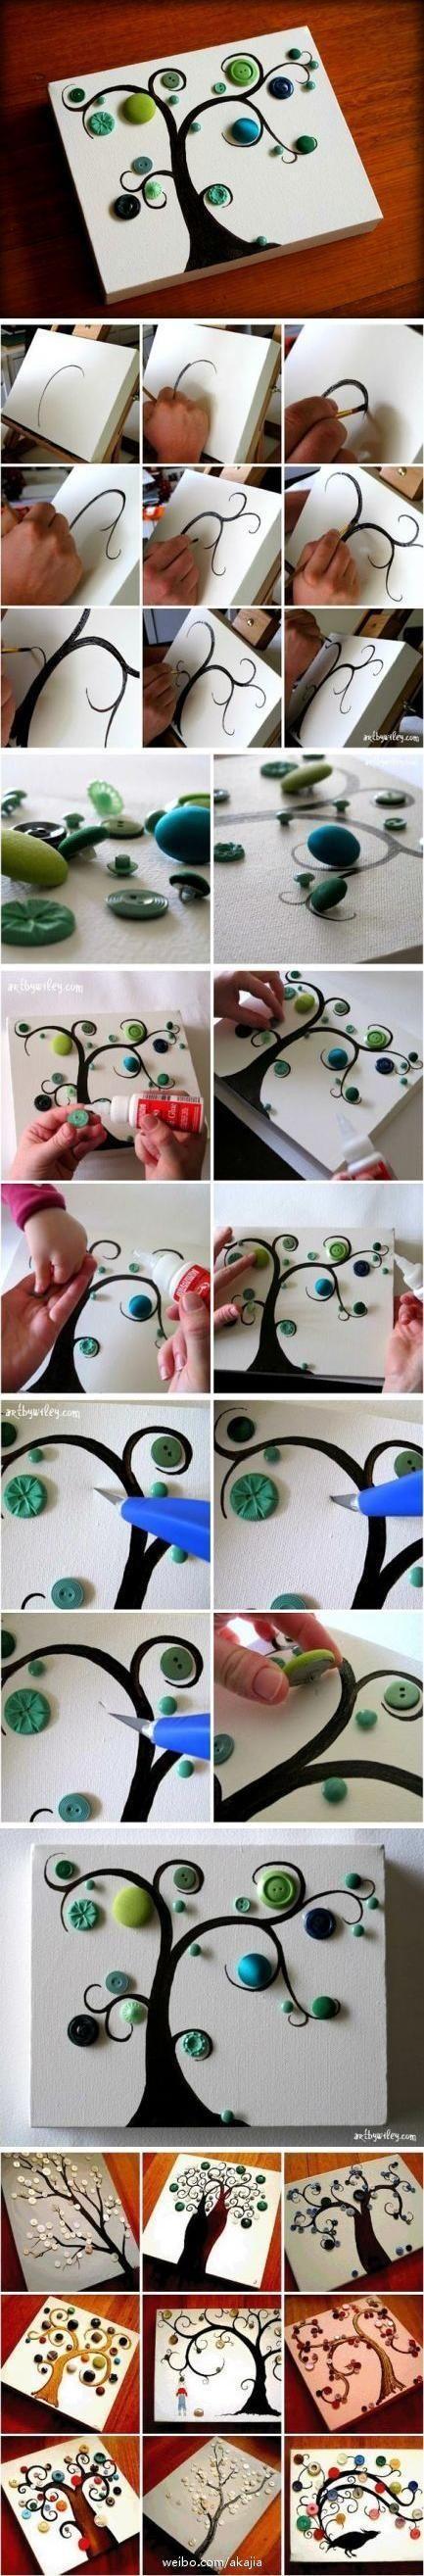 Handmade botões detalhe da árvore ilustra as etapas: a grandes jogos em família, eo bebê tem vindo a fazer a árvore de botões ~ ~ ~ lindo - Rede lições 59